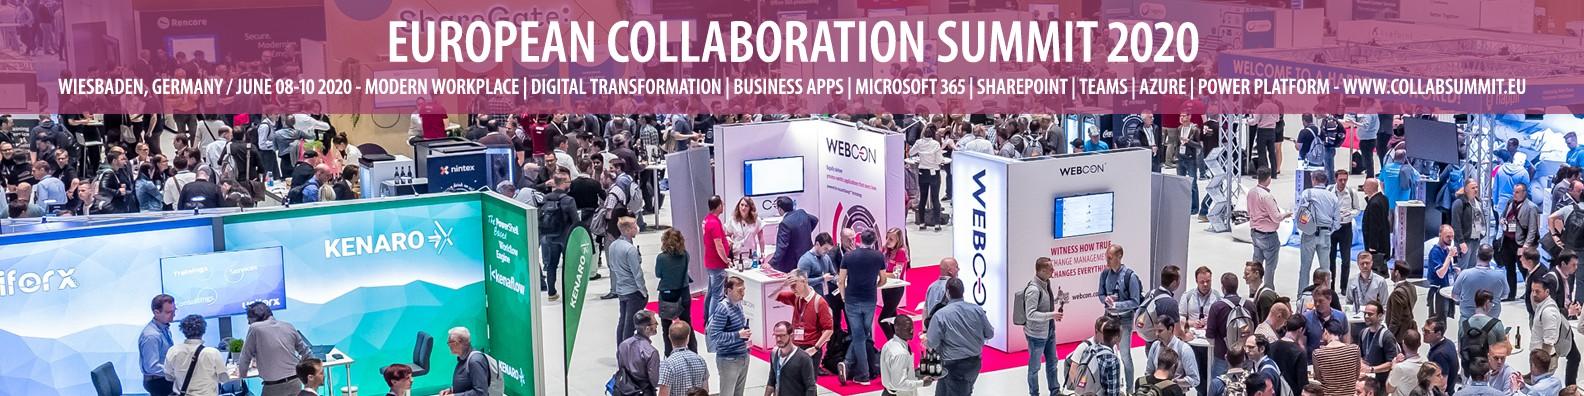 European Collaboration Summit   LinkedIn